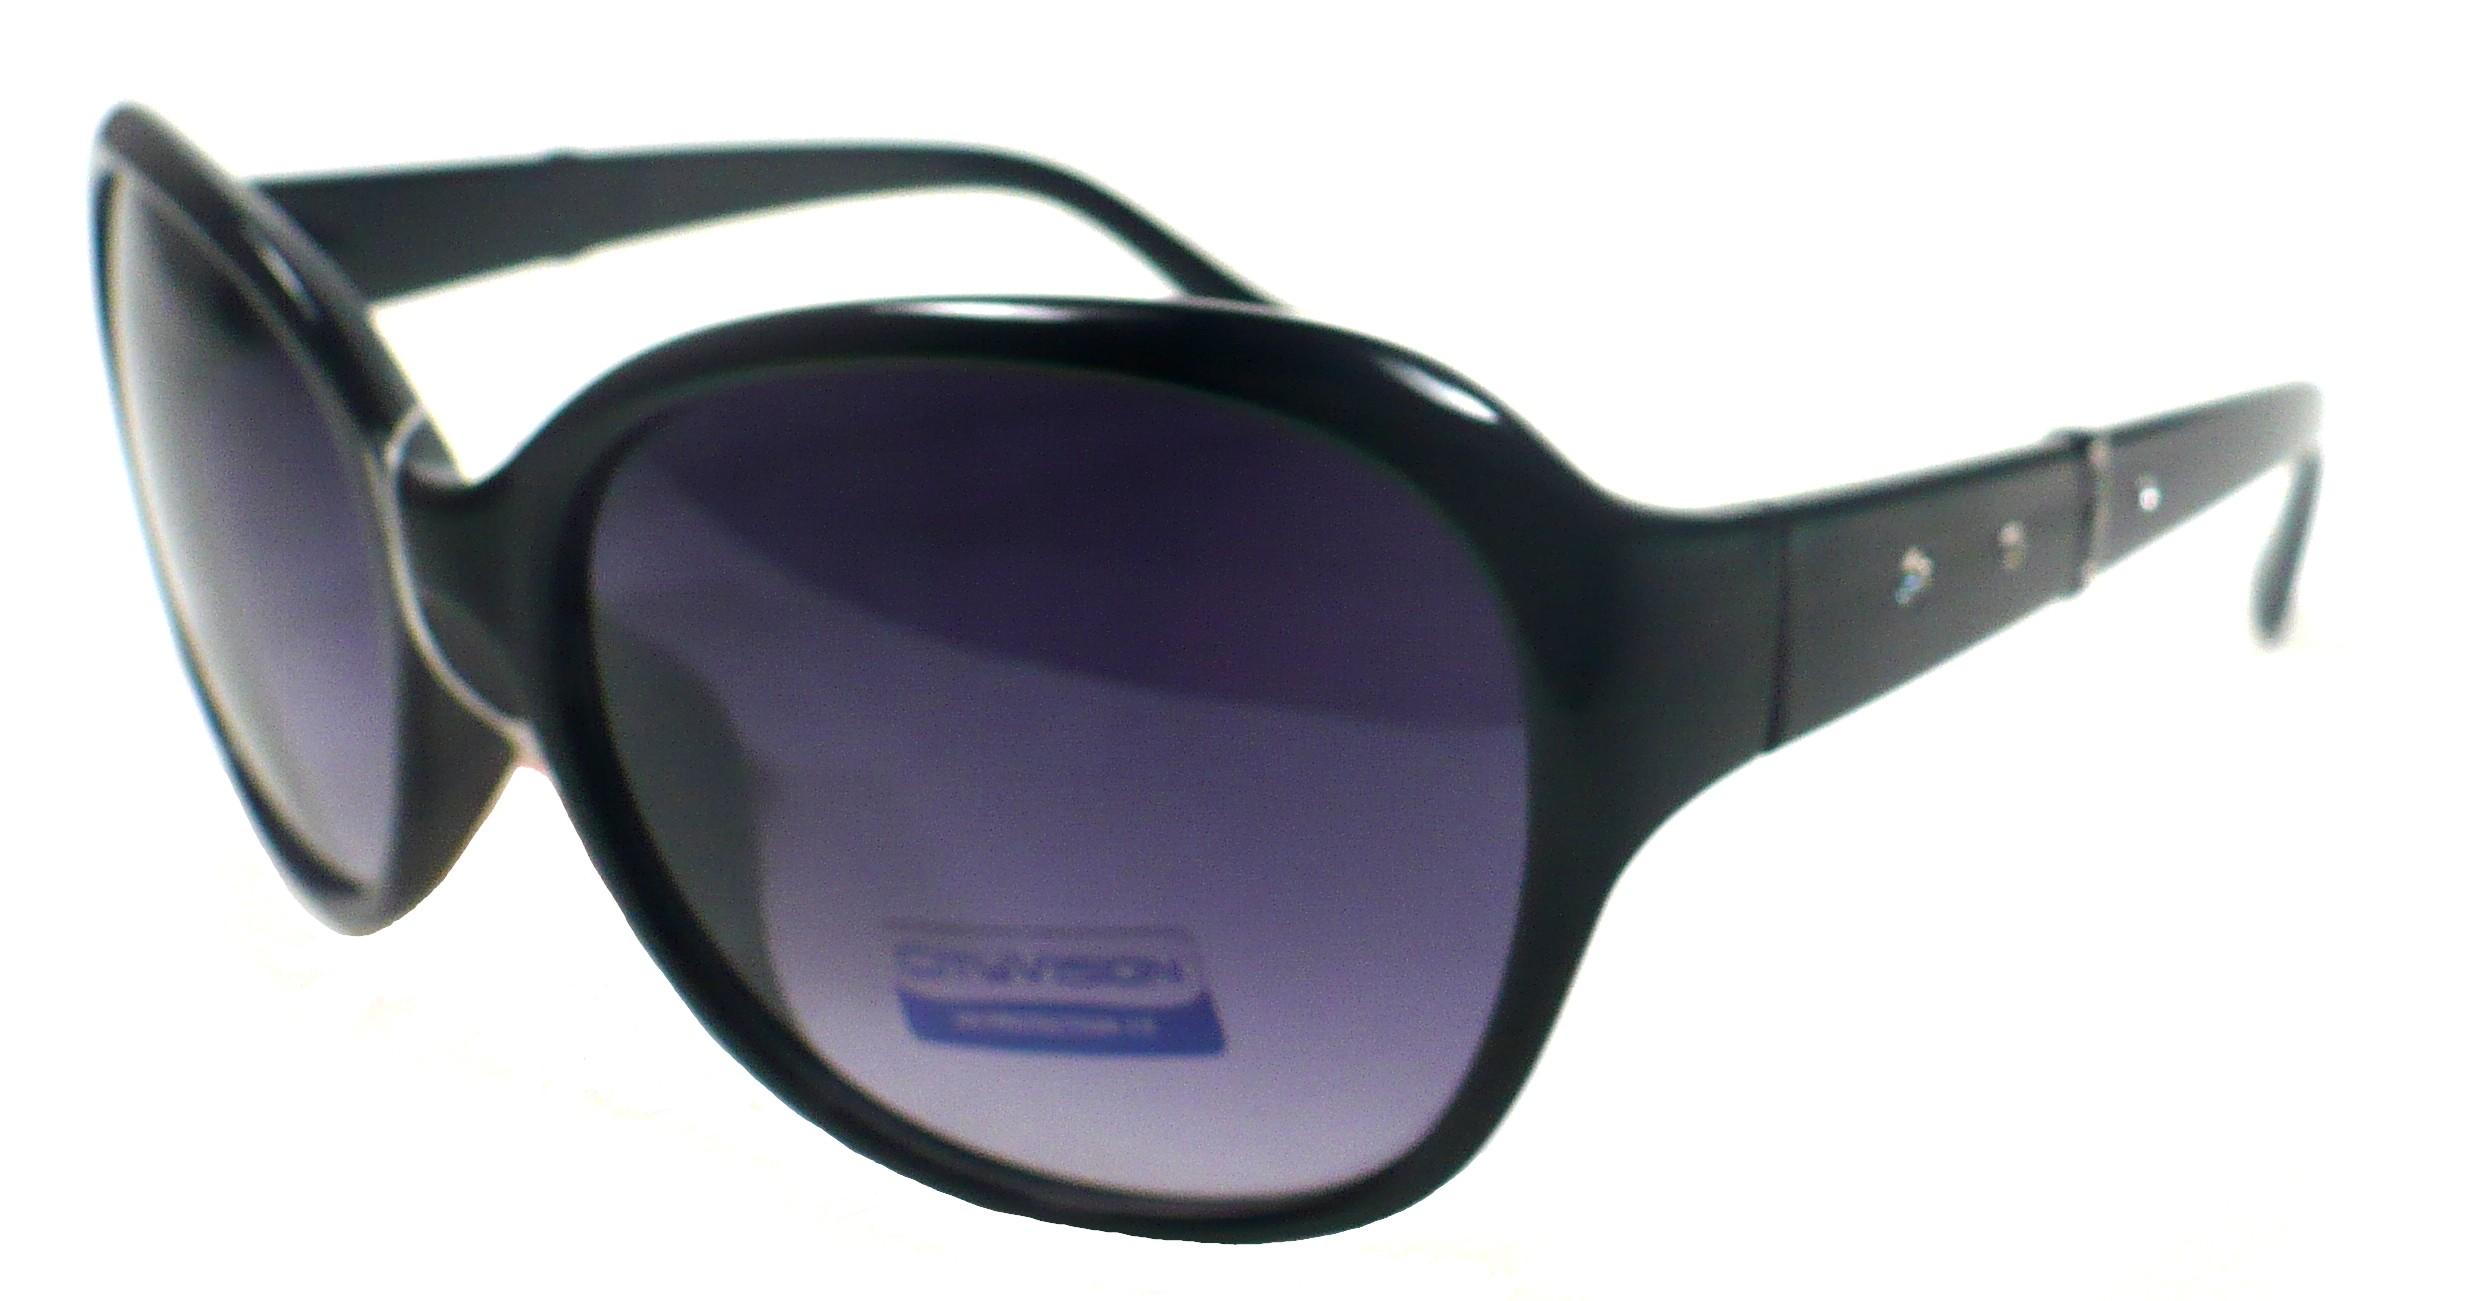 Nae New Age Sluneční brýle hnědé 025035